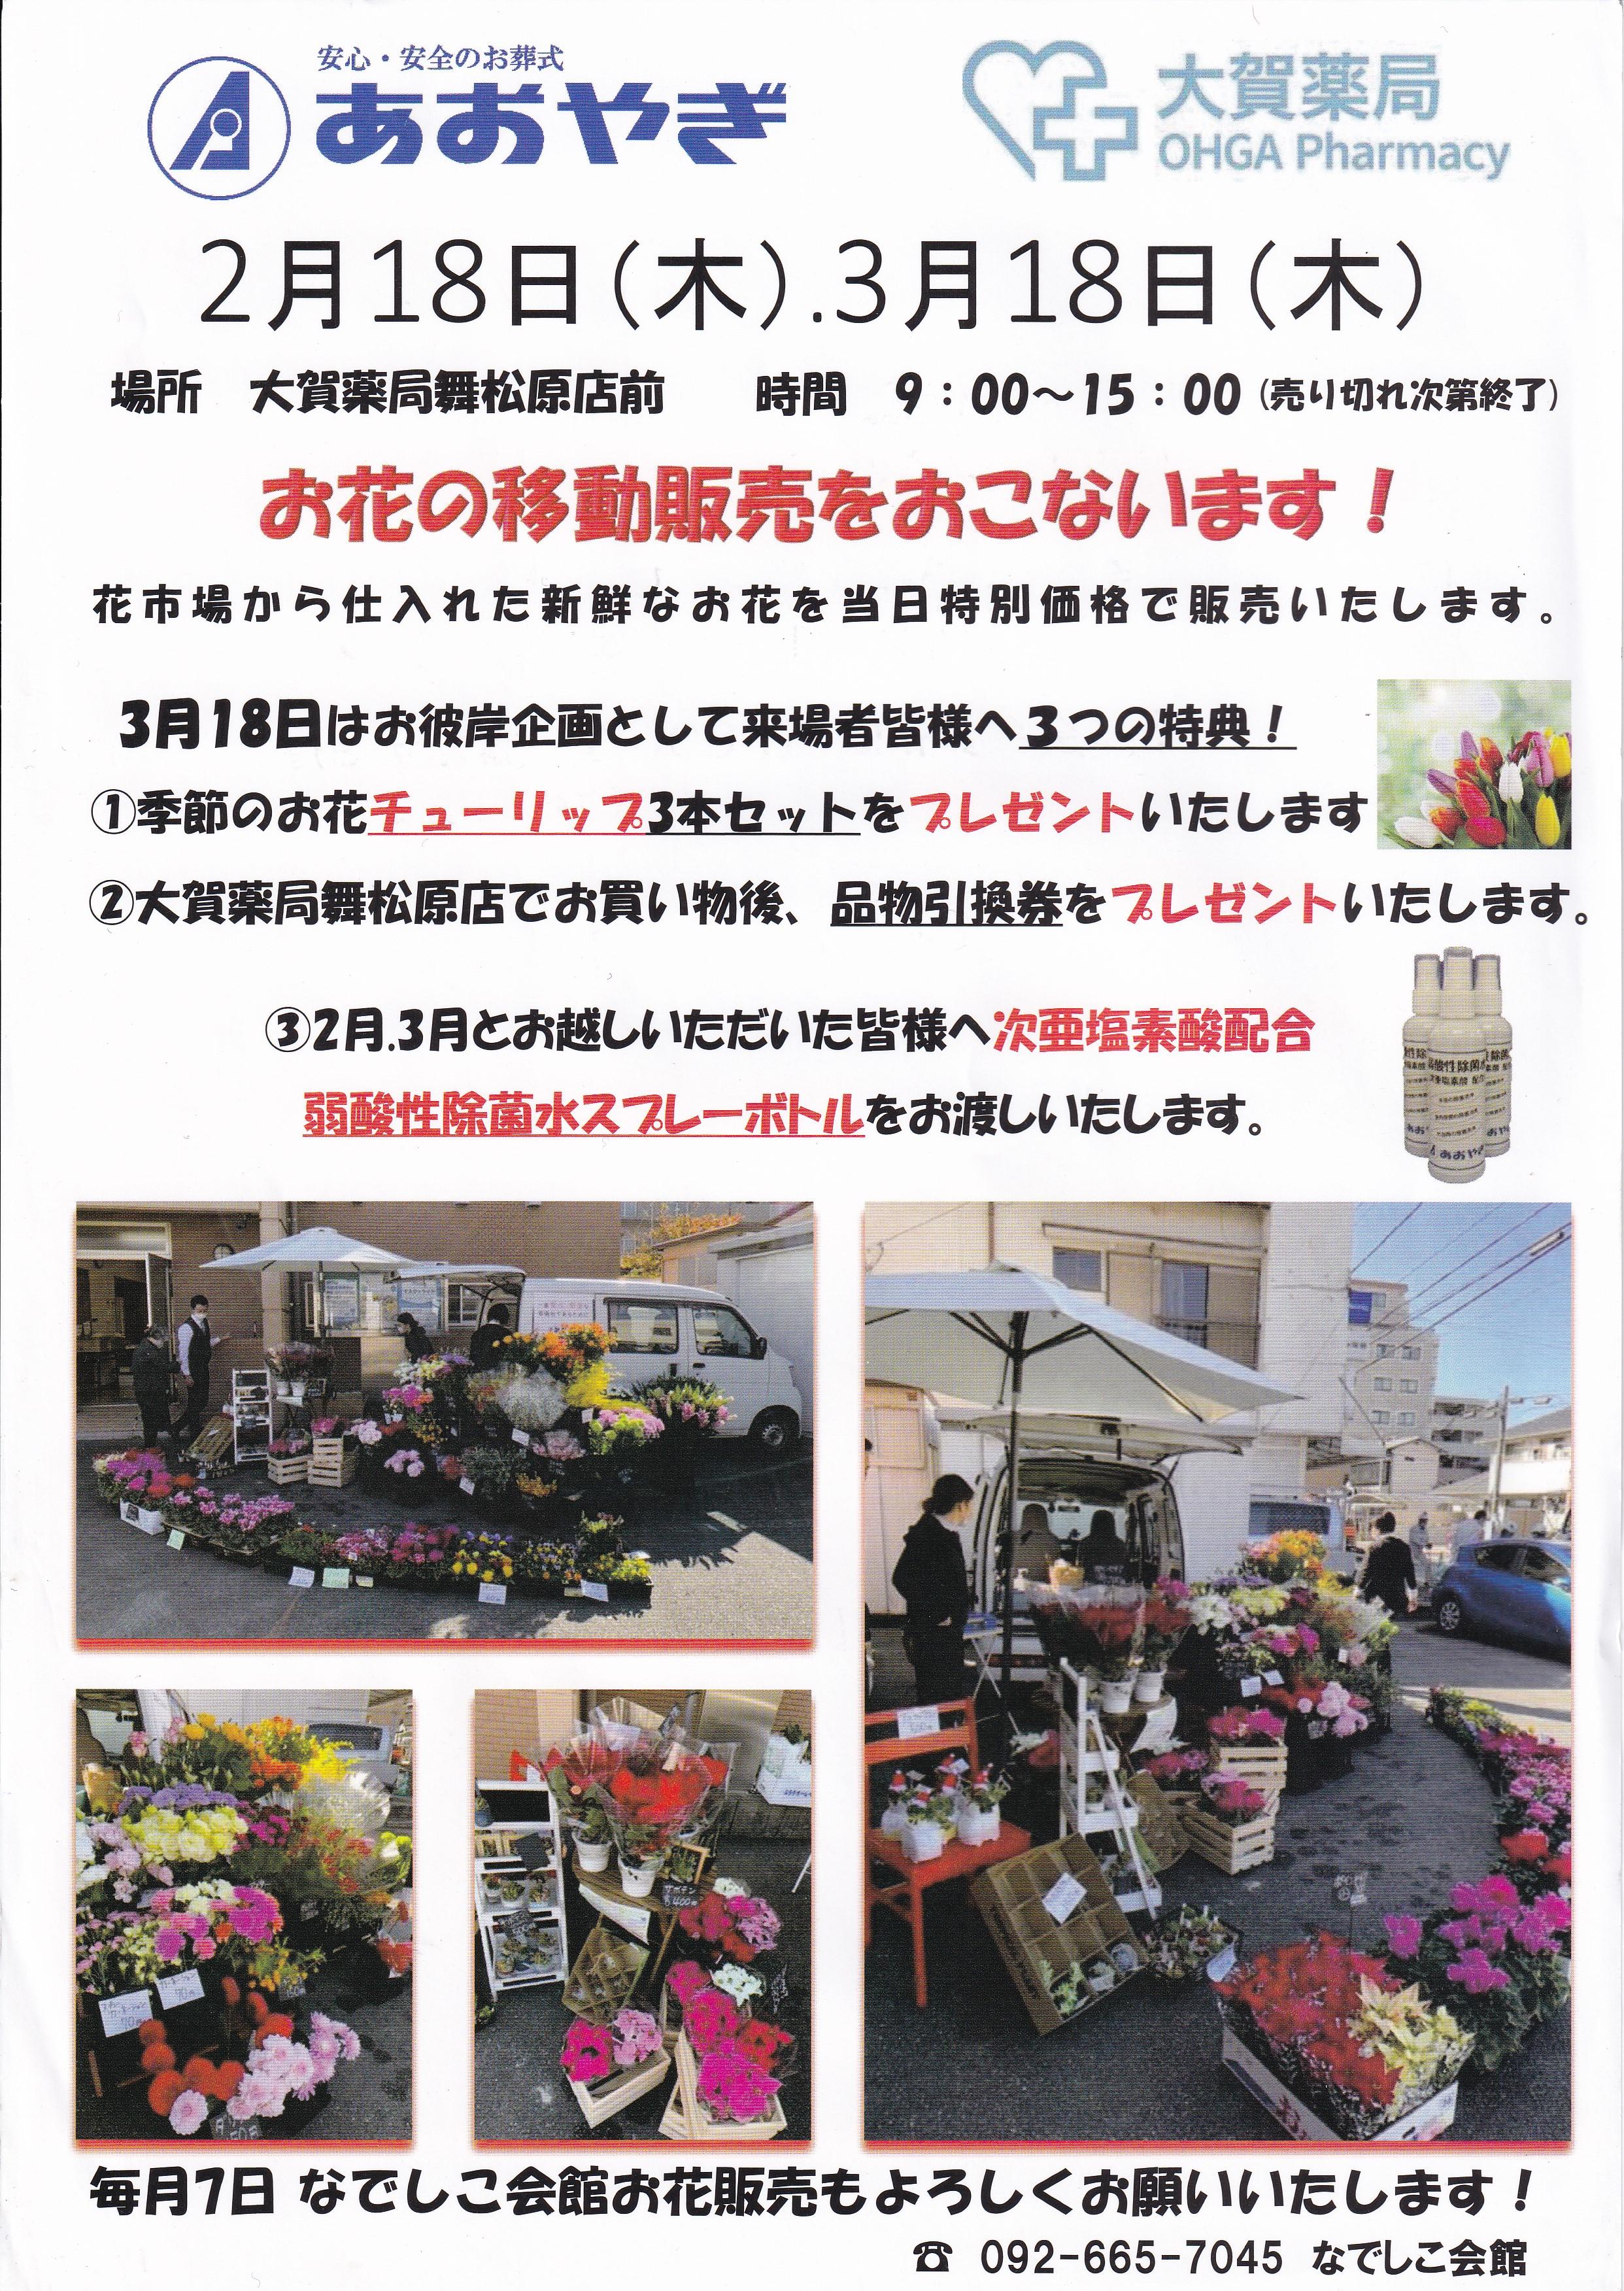 イメージ:3/18 (木) お花の移動販売を行います!